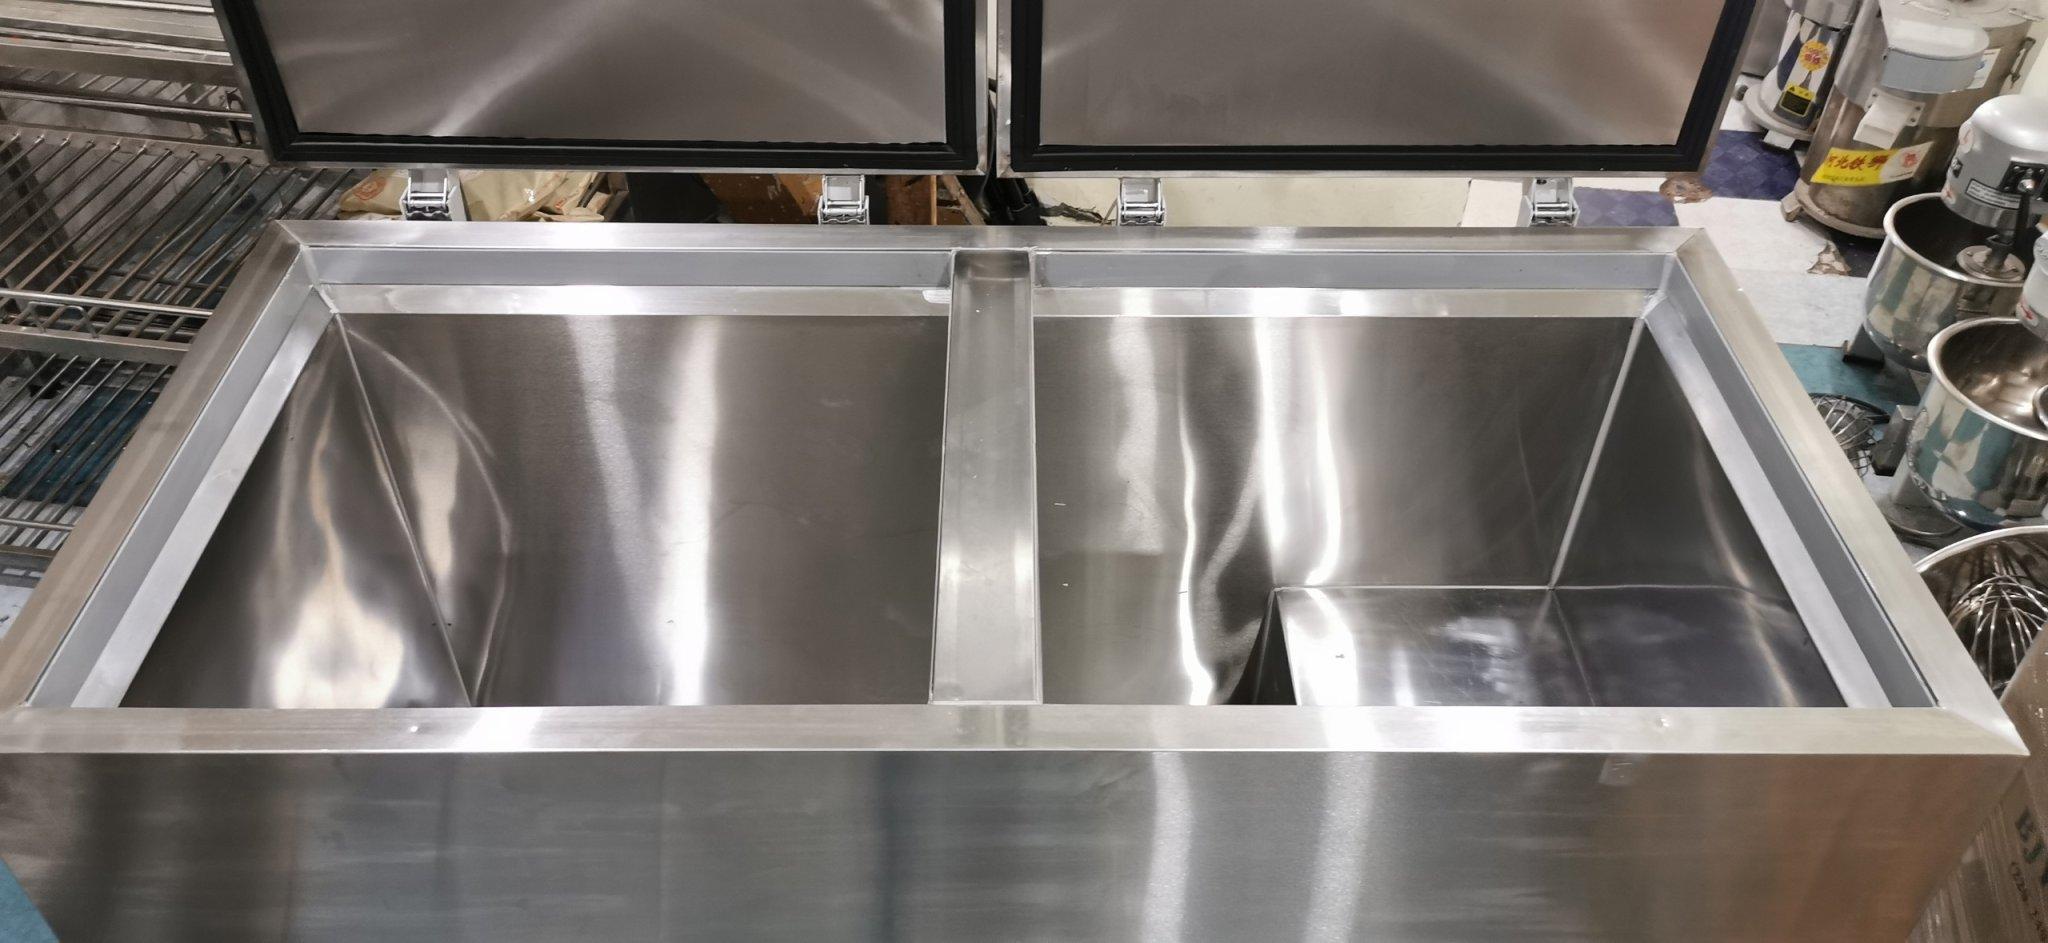 tủ đông lạnh nằm công nghiệp